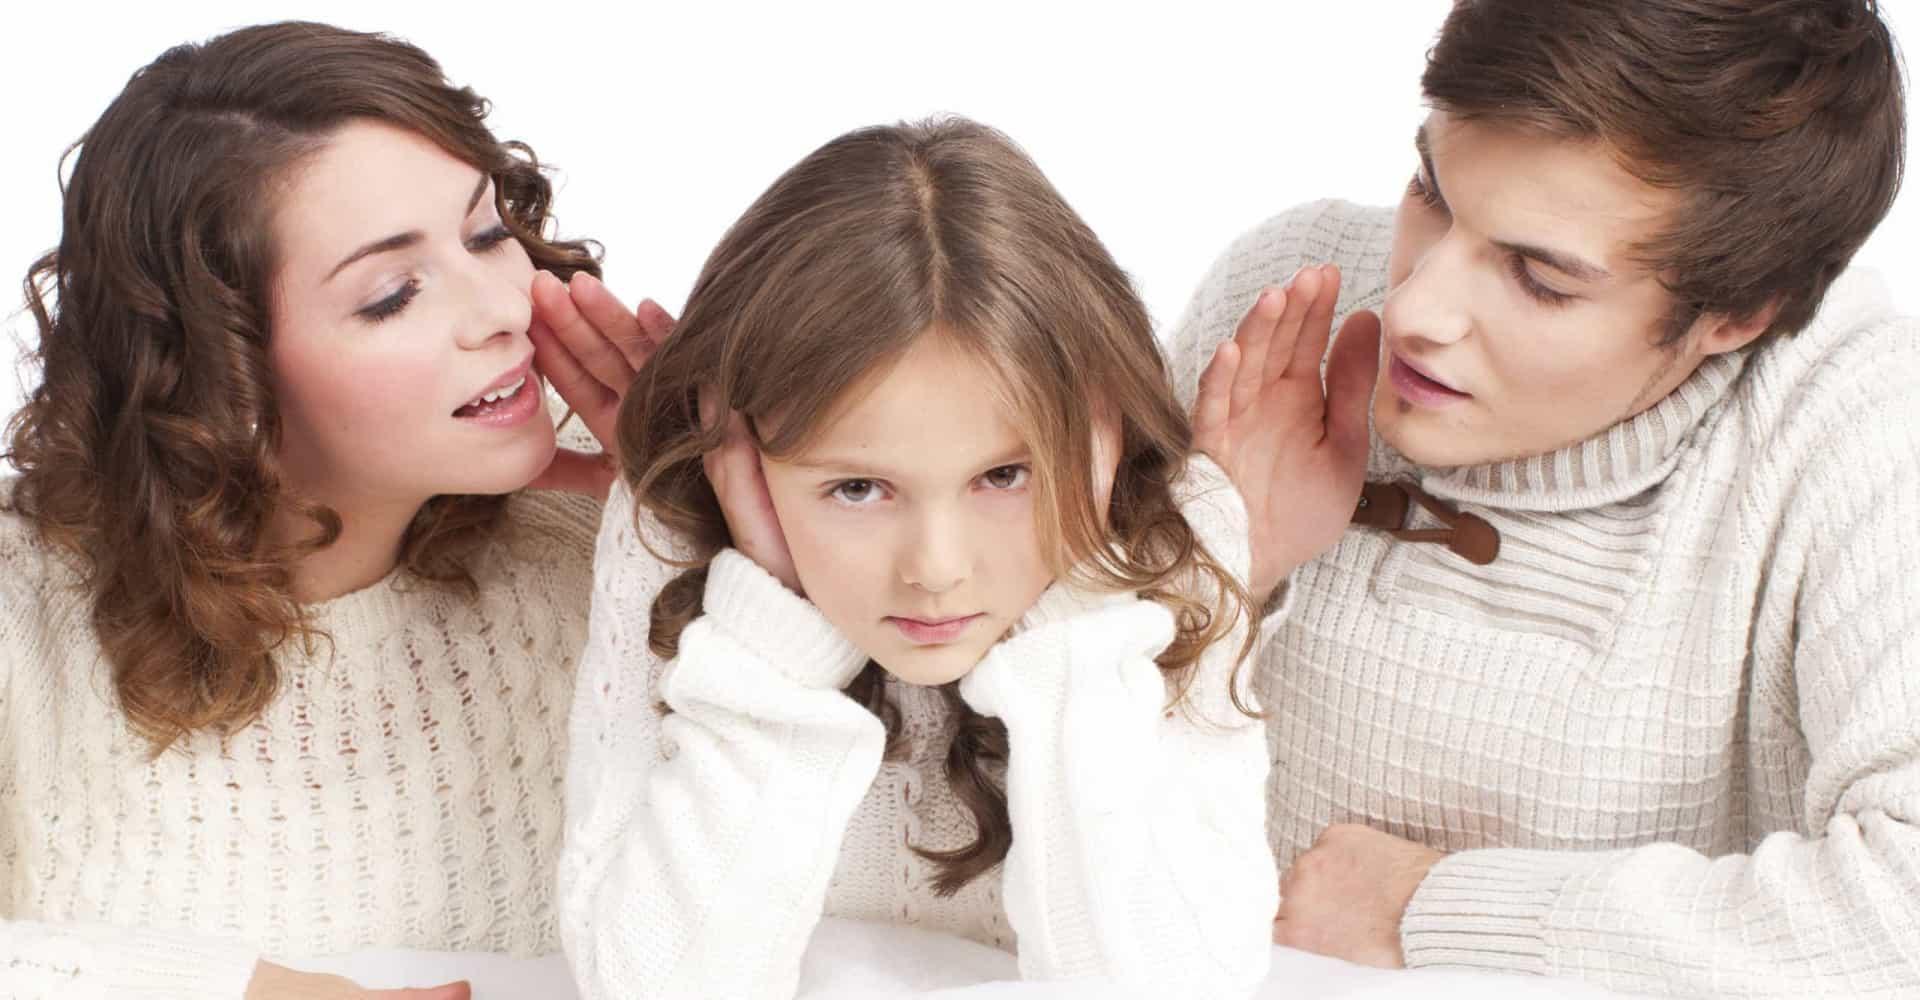 Cách ly tại nhà: Làm thế nào để giảm căng thẳng cho trẻ? - Ảnh 1